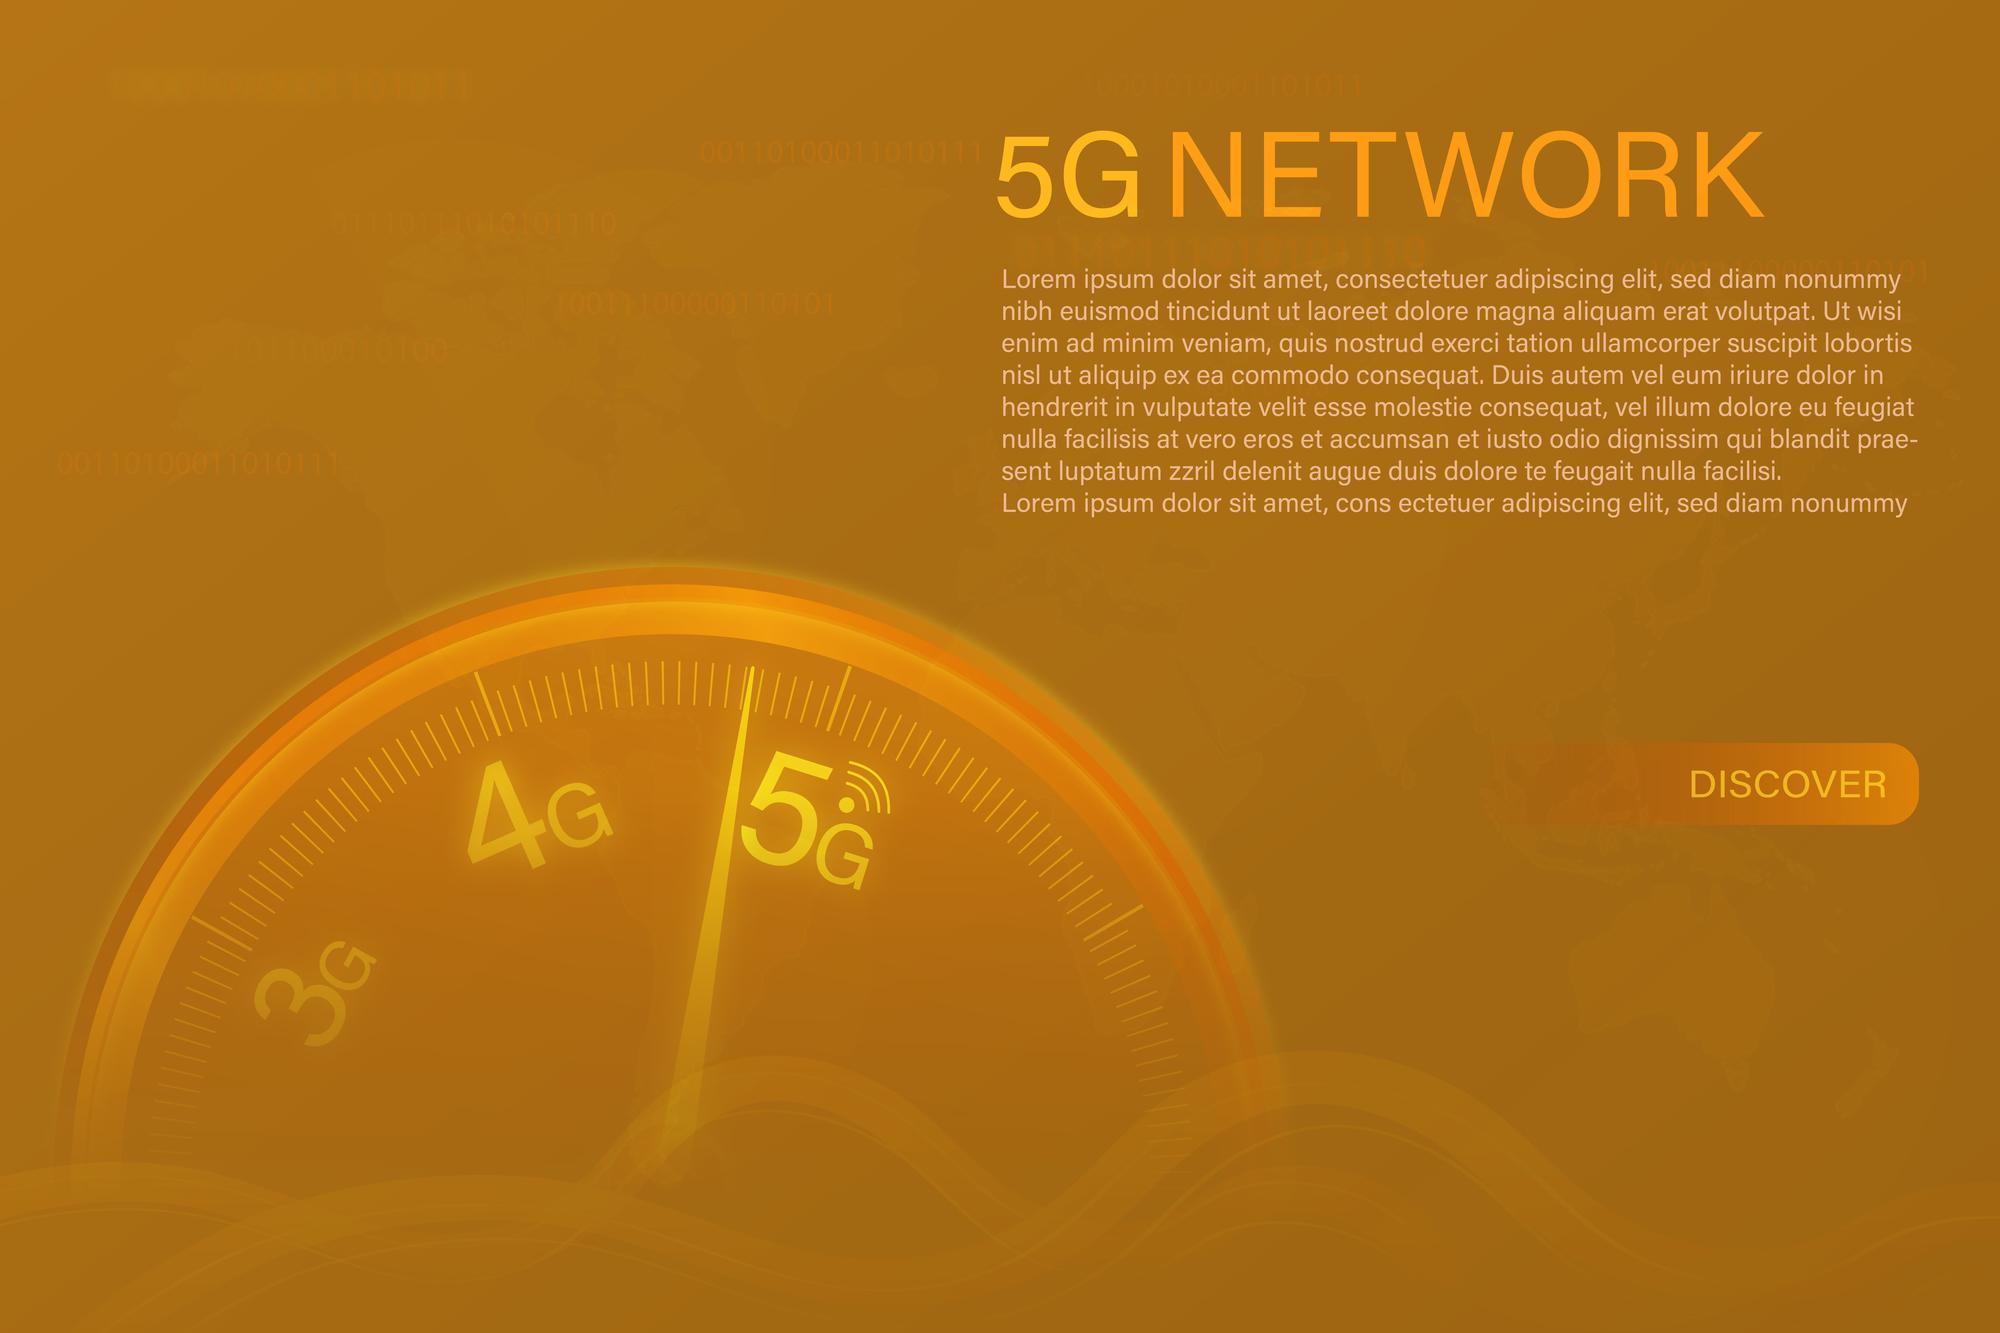 04_5Gは今後普及する?普及に向けた3つの課題をわかりやすく解説